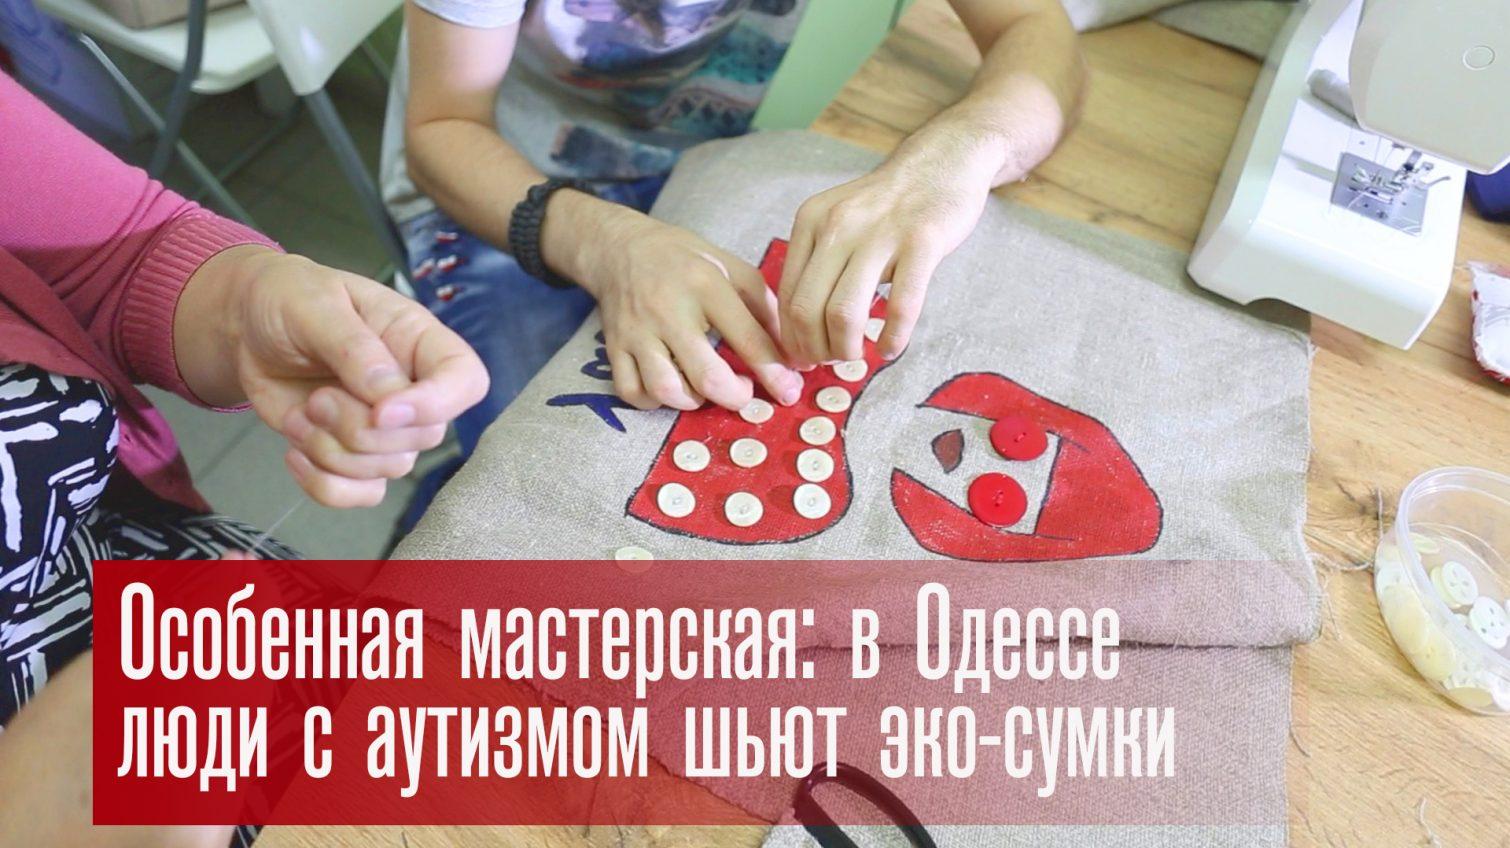 Особенная мастерская: в Одессе люди с аутизмом шьют эко-сумки (фото, видео) «фото»